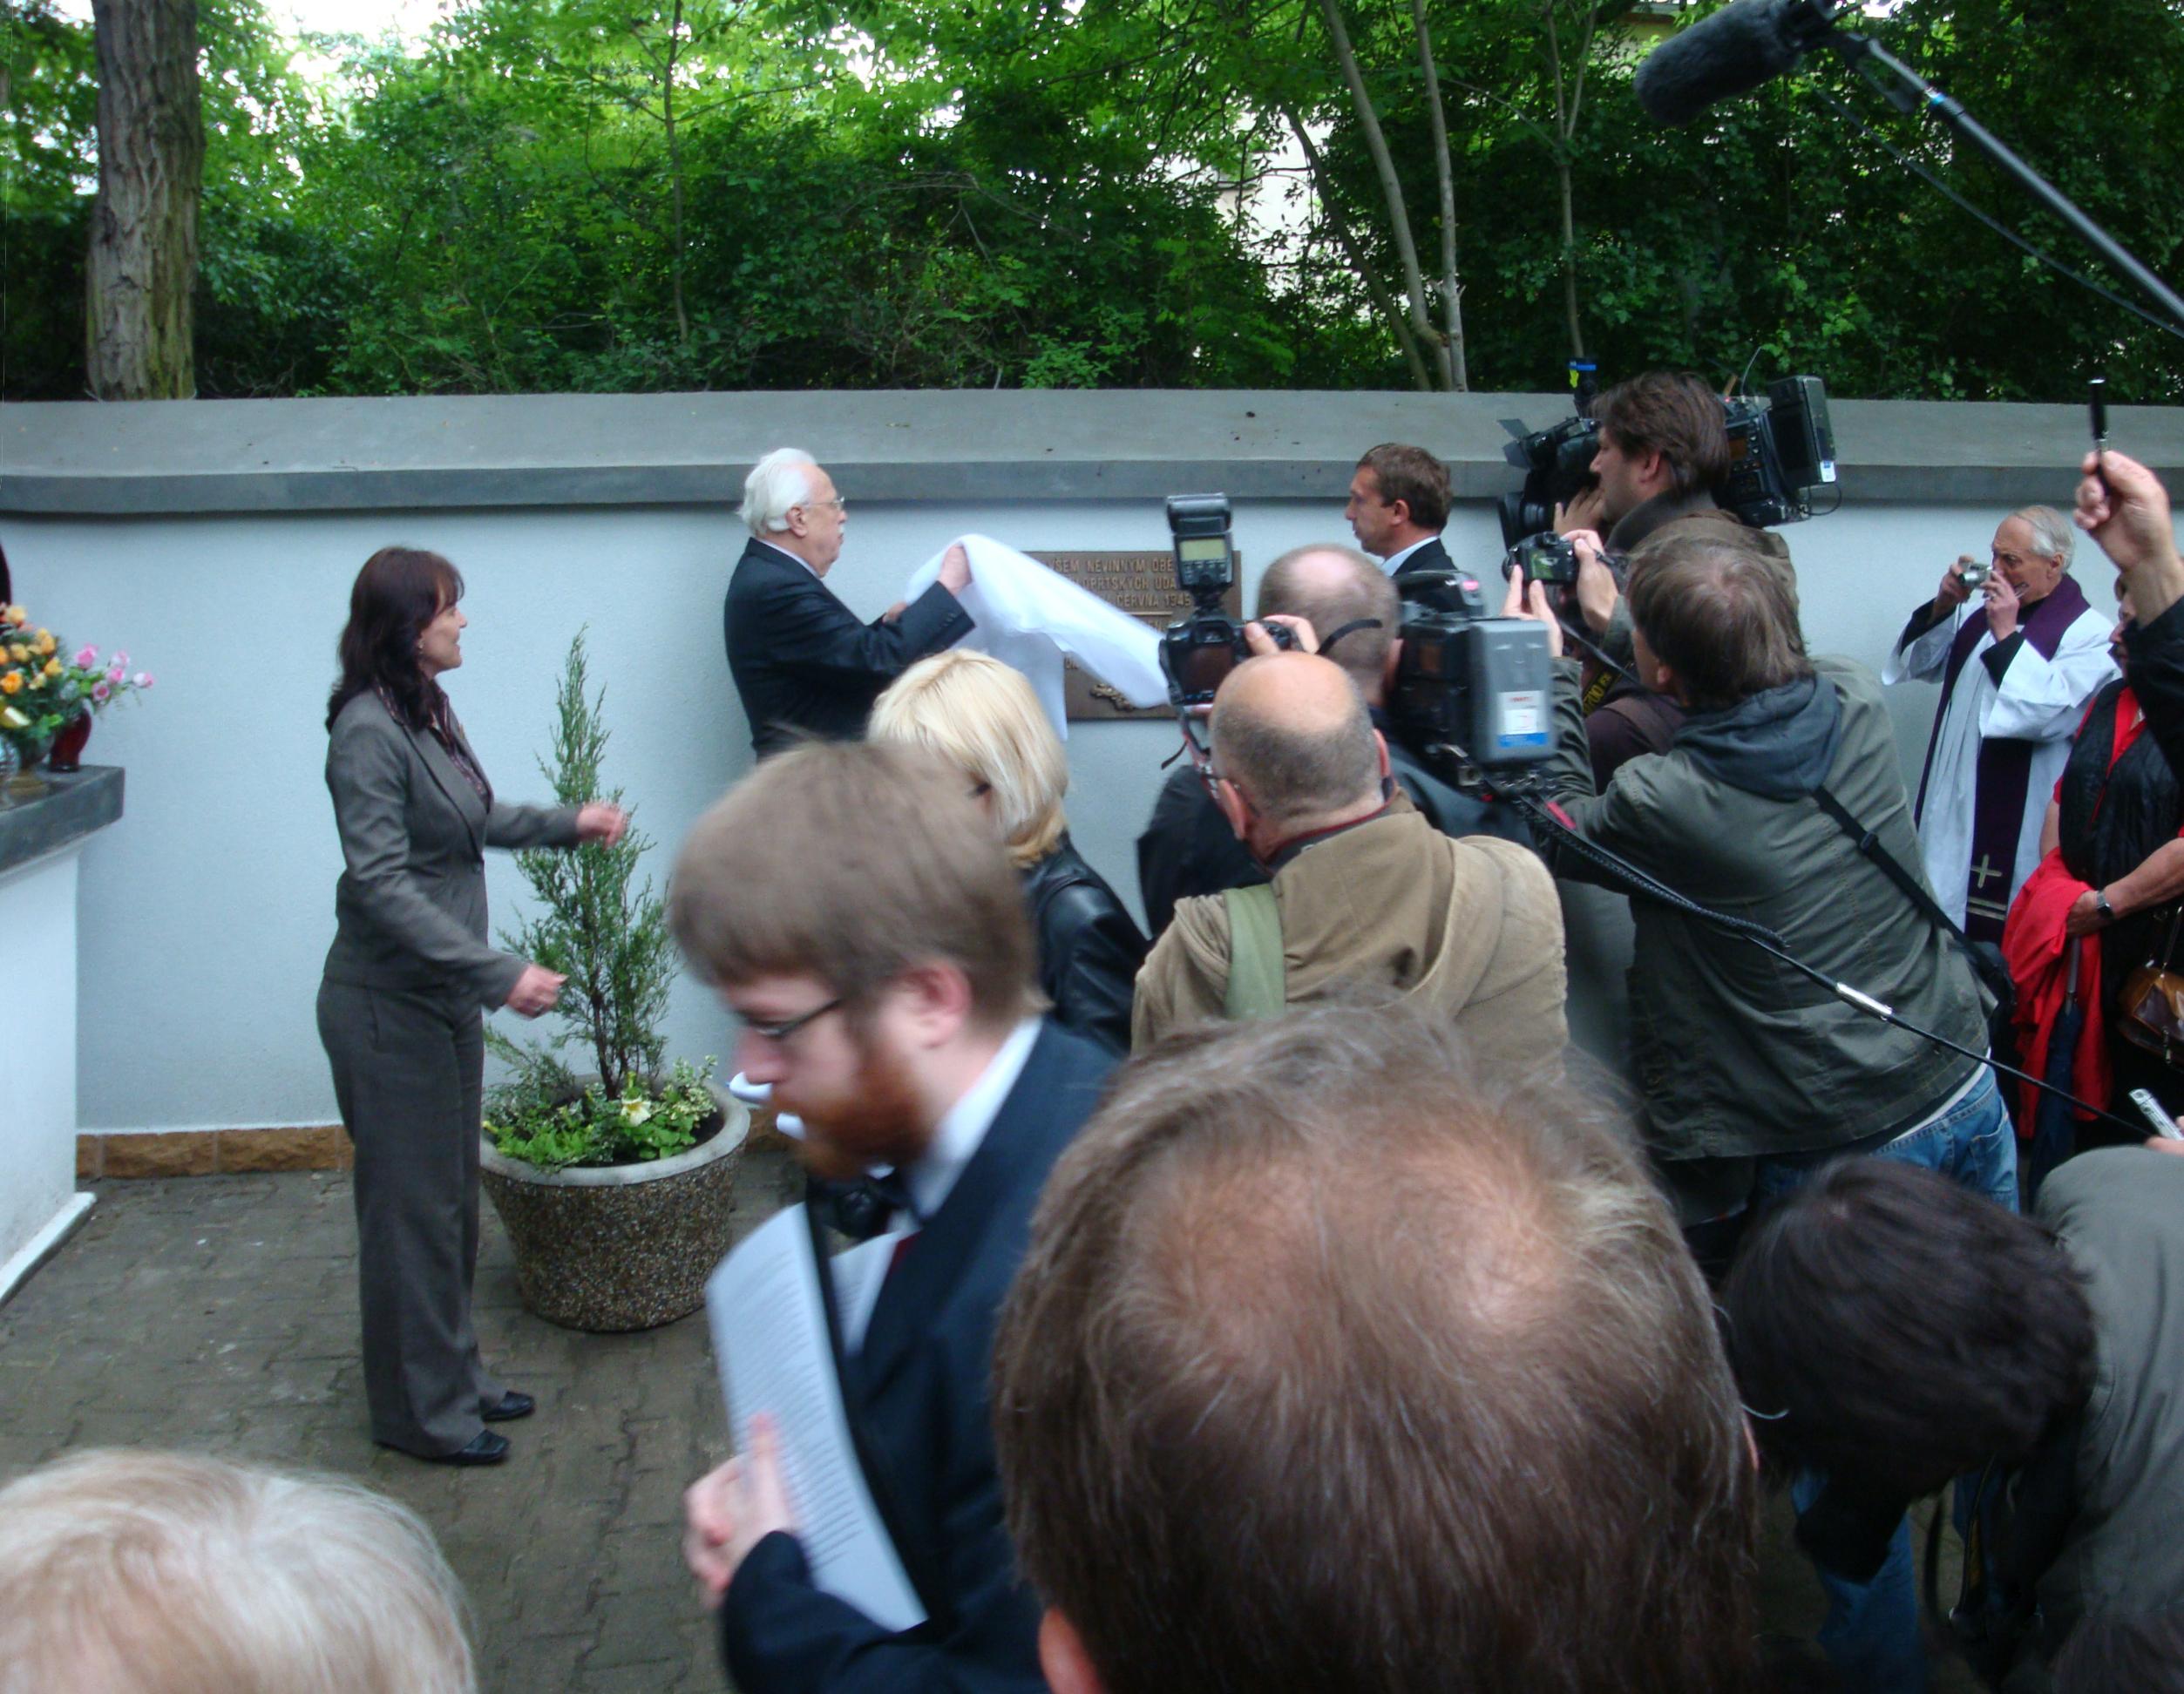 2010 Enthüllung der Gedenktafel für die Opfer von Postelberg mit großem Medienaufgebot